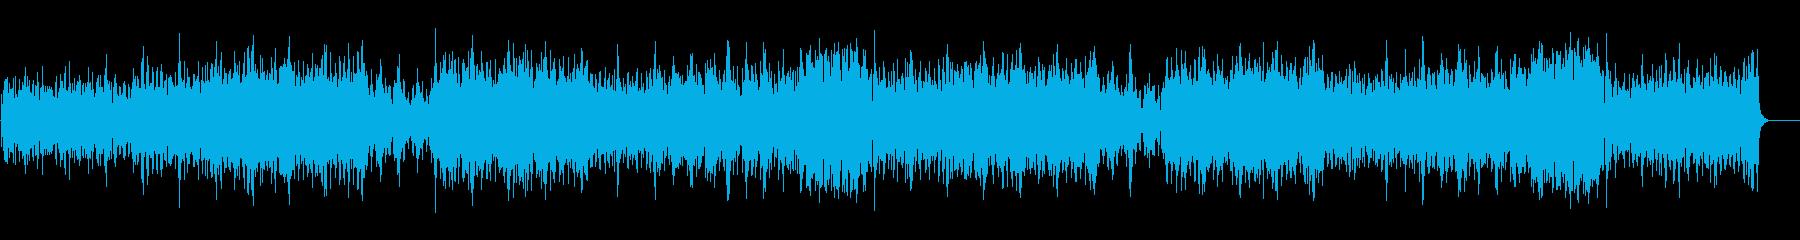 無国籍風サウンド(ドキュメント向け)の再生済みの波形